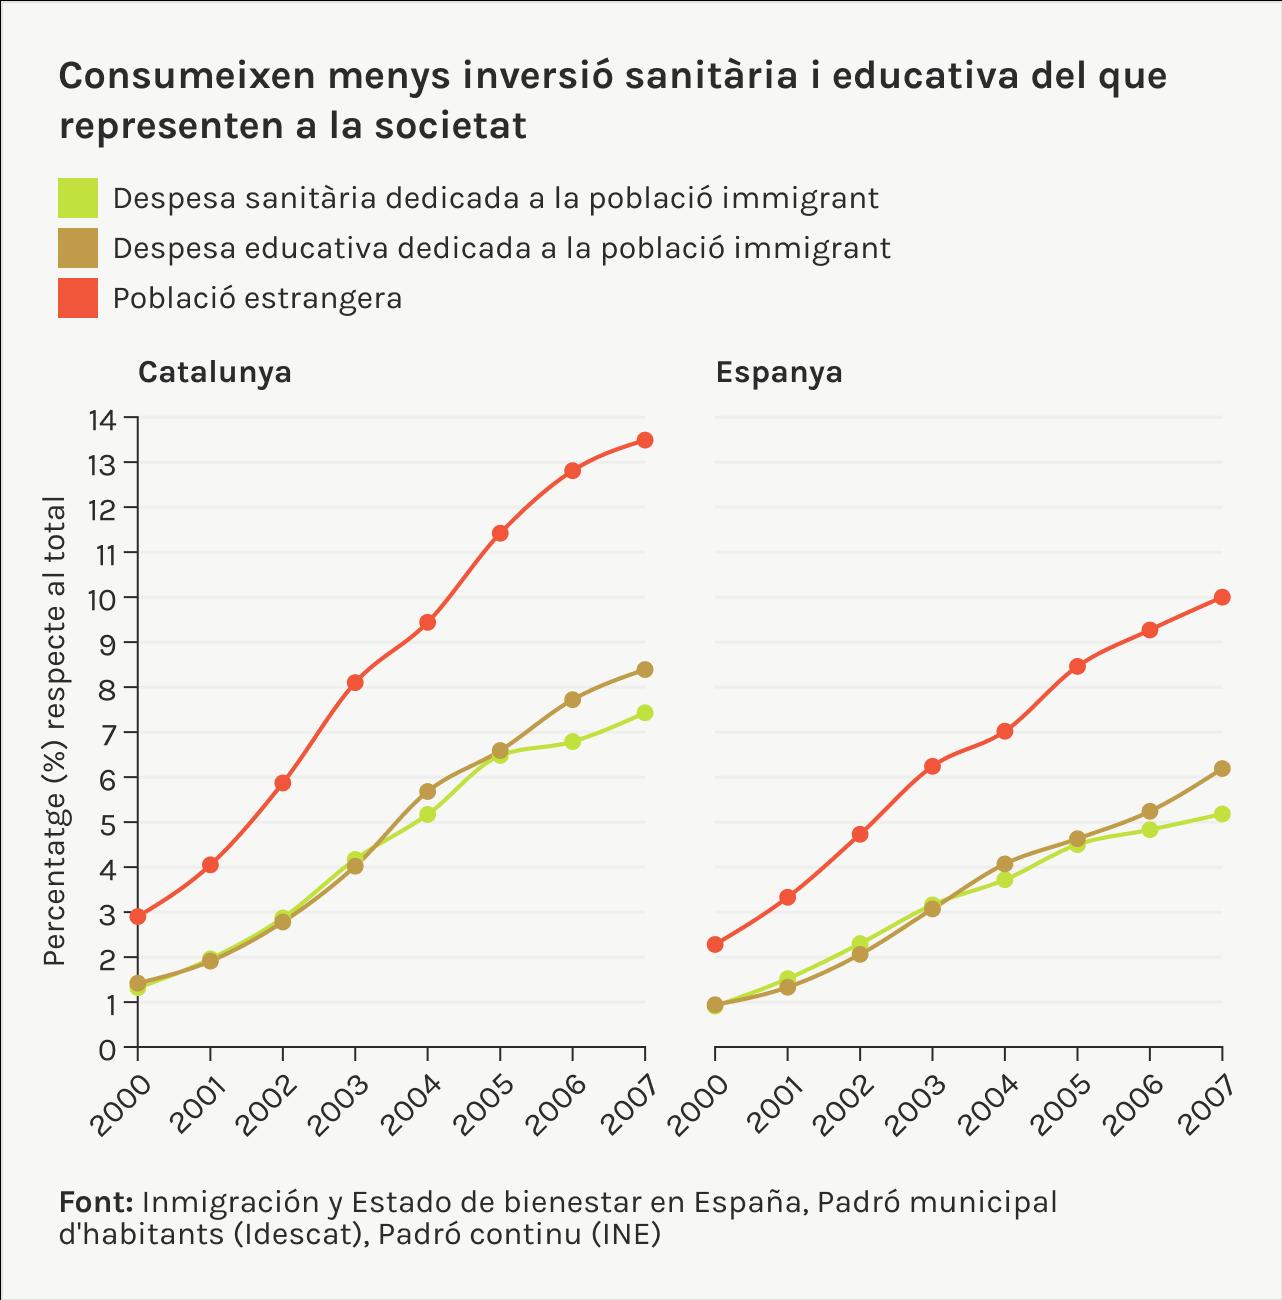 Elis migrants consumeixen menys inversió sanitaria i educativa del que representen a la societat